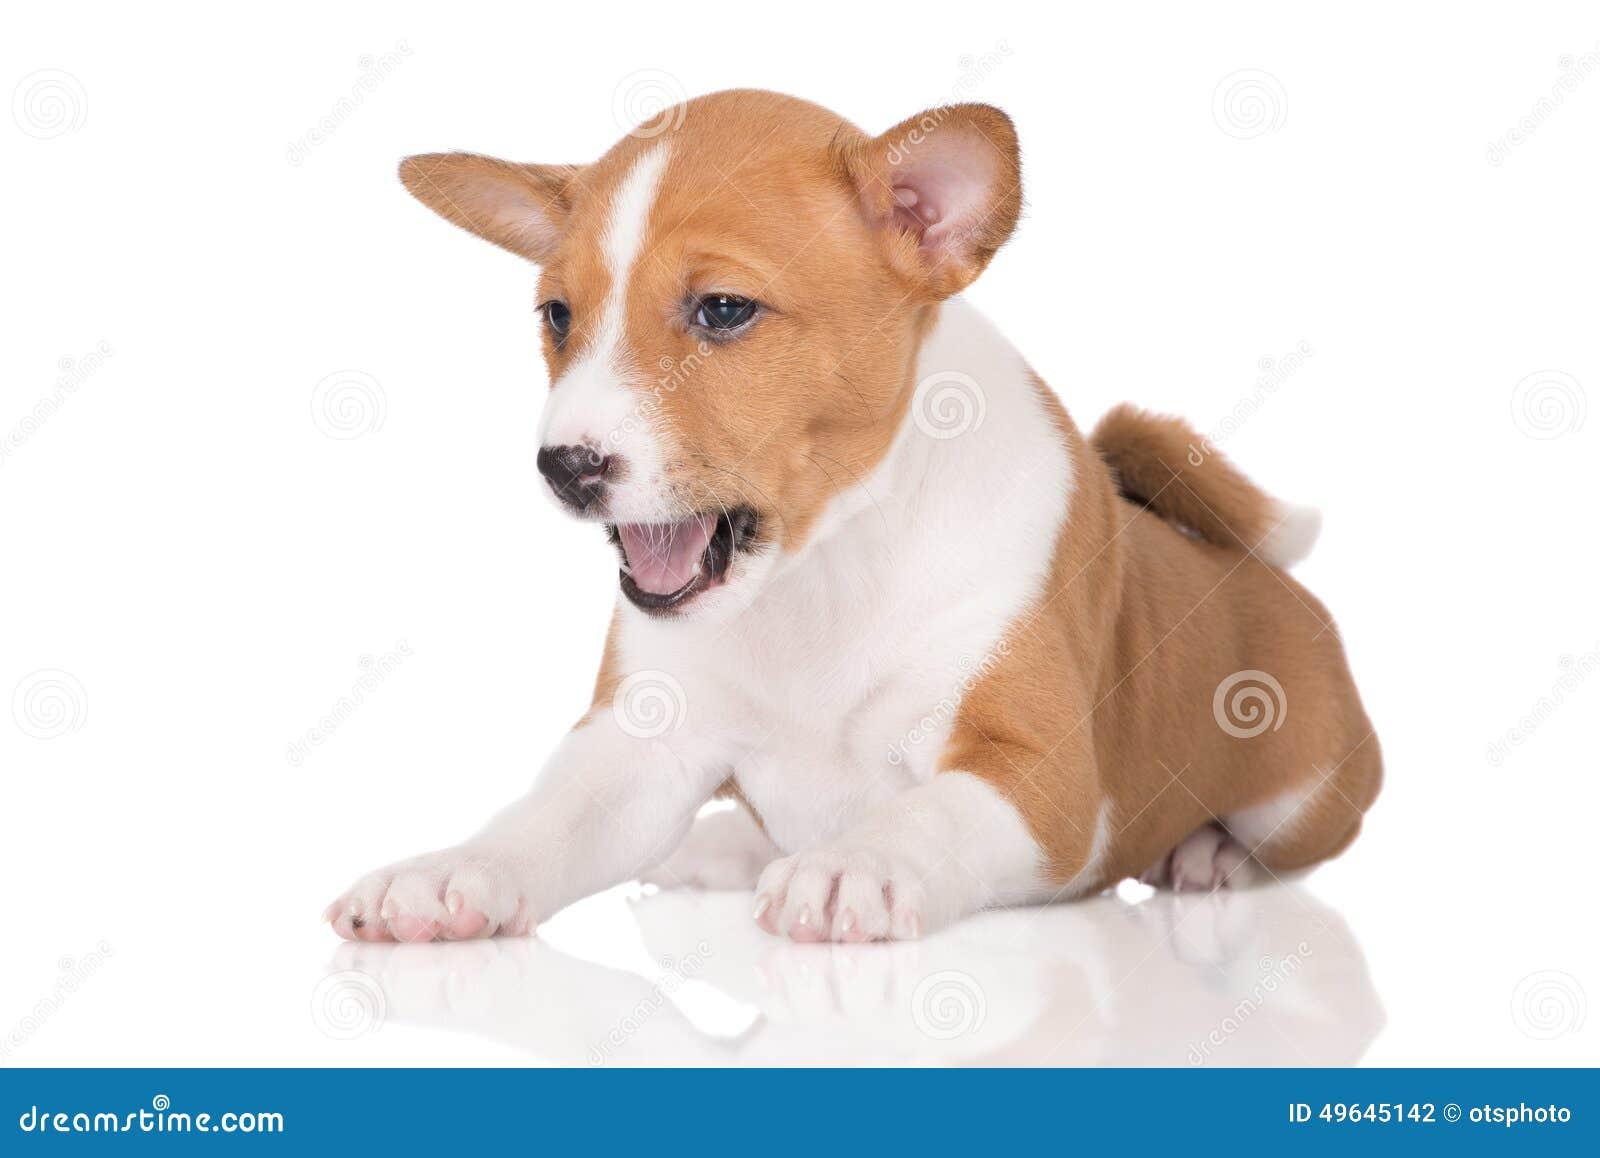 Red basenji puppy yawning stock photo. Image of lying ...